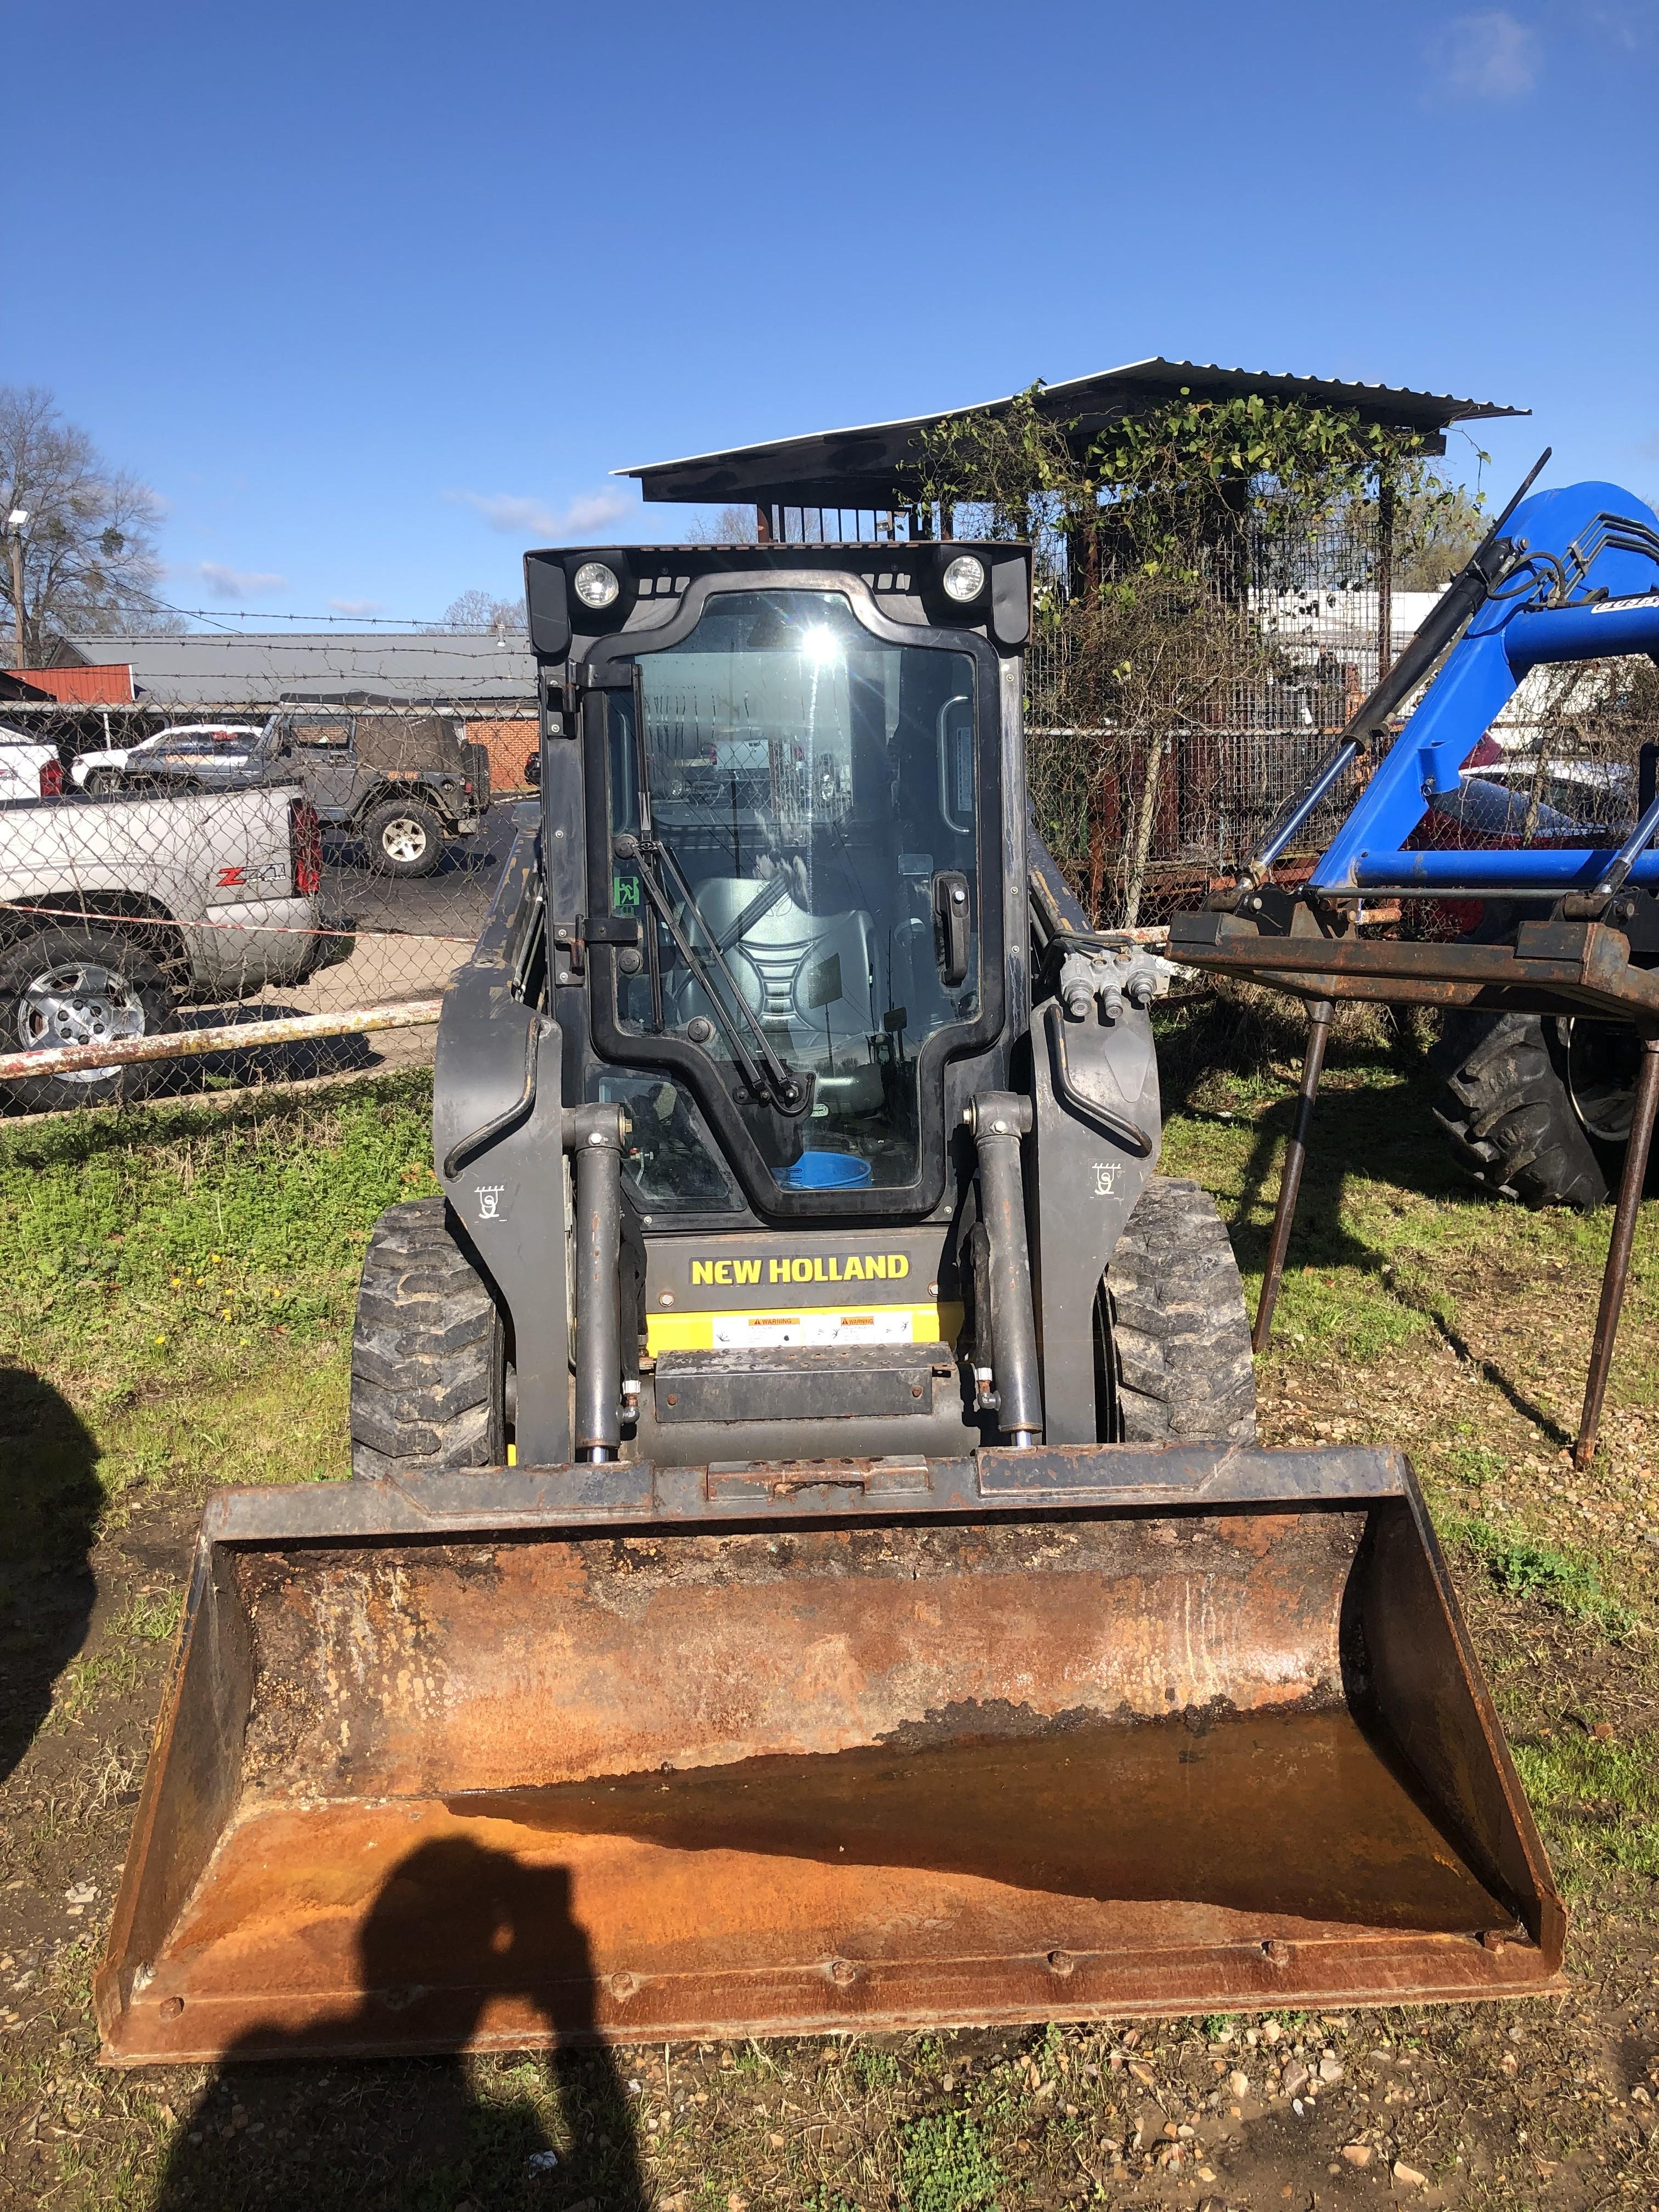 Bowie County Equipment | Equipment sales in DeKalb, TX